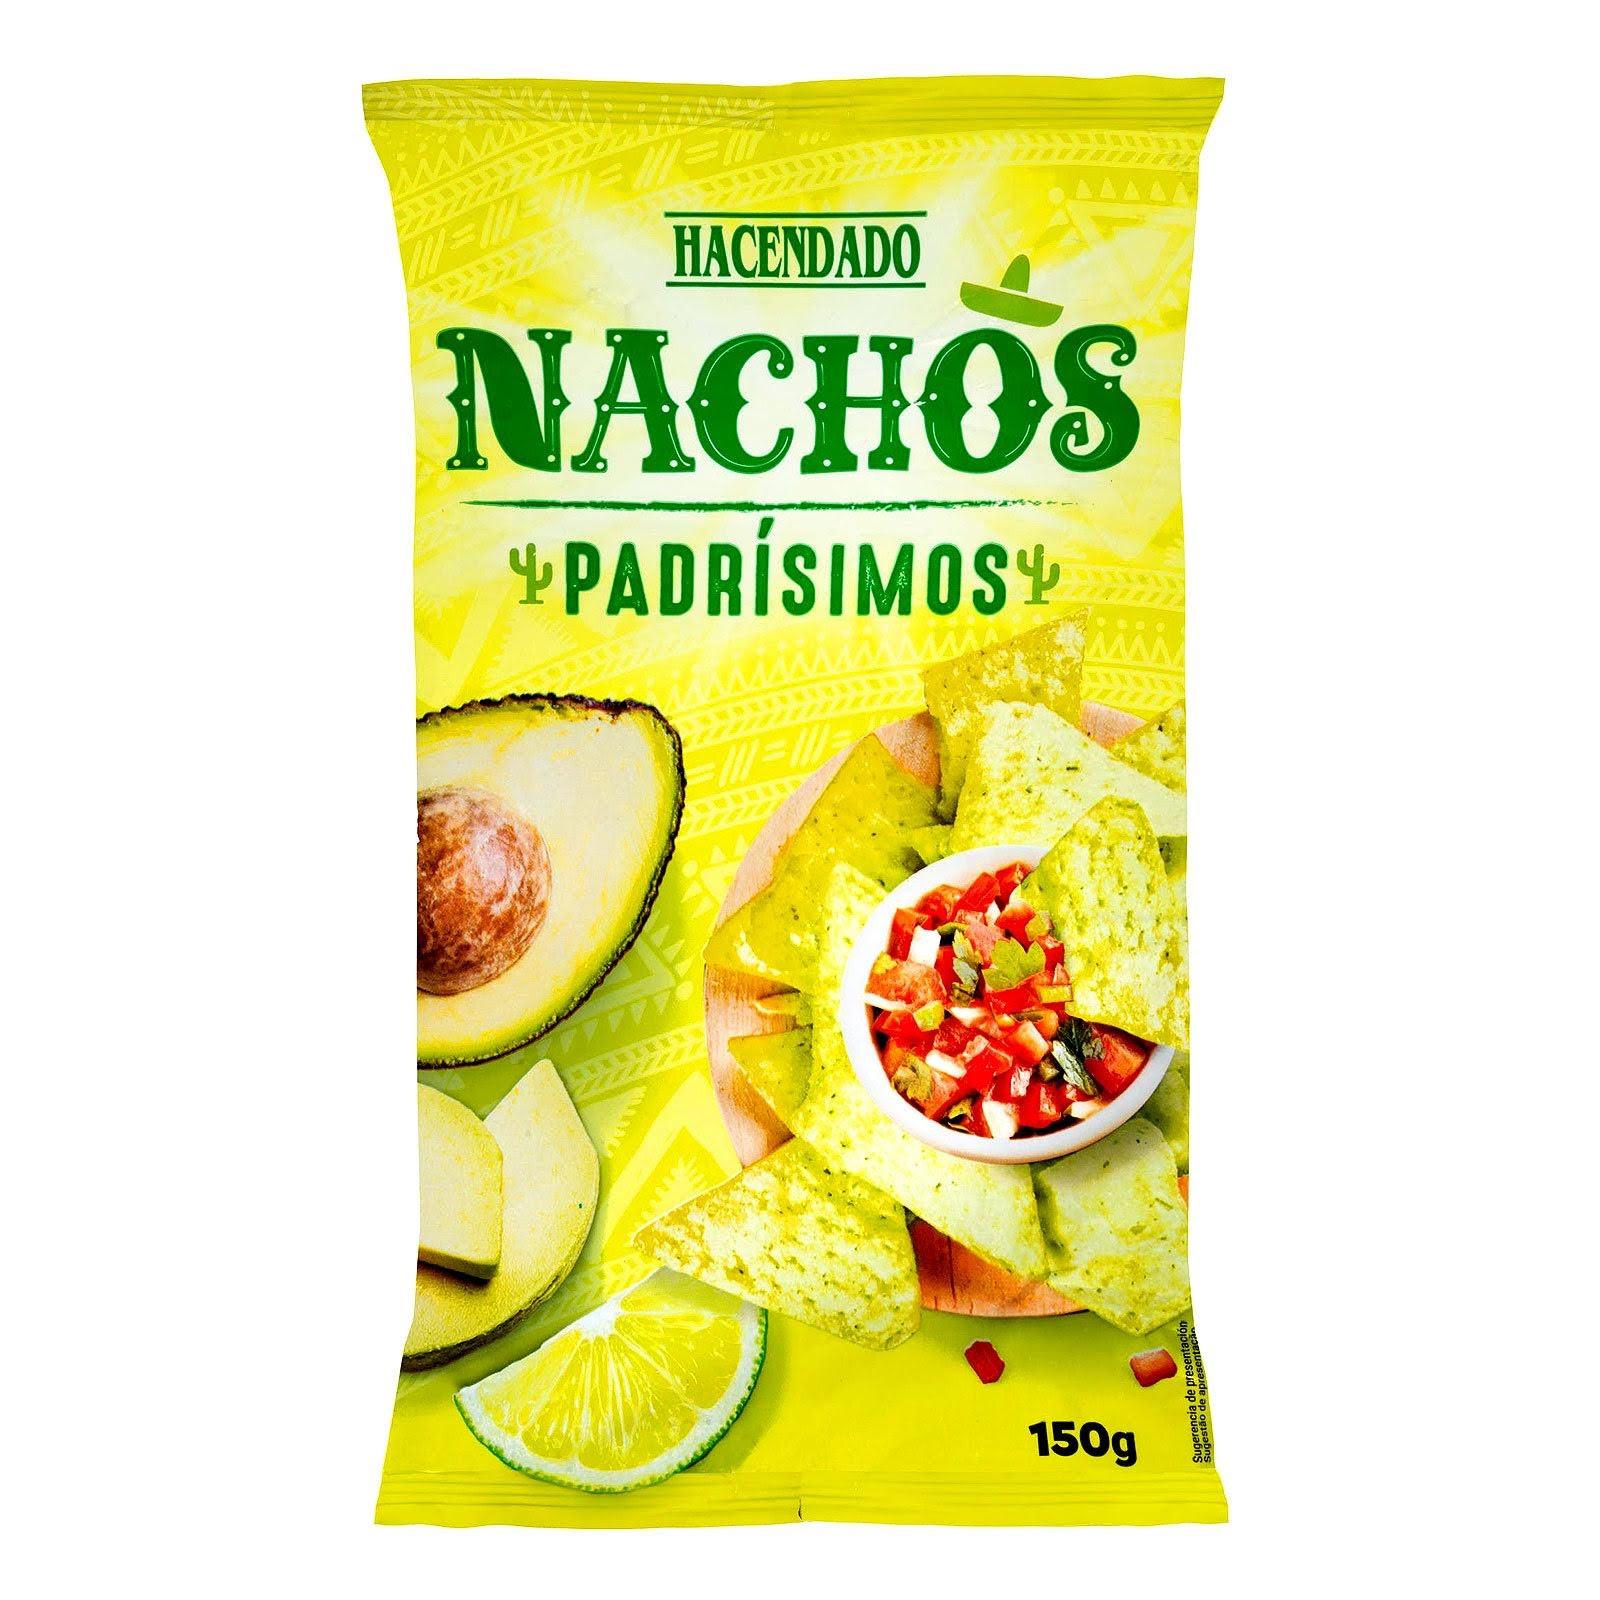 Nachos de maíz Padrísimos Hacendado